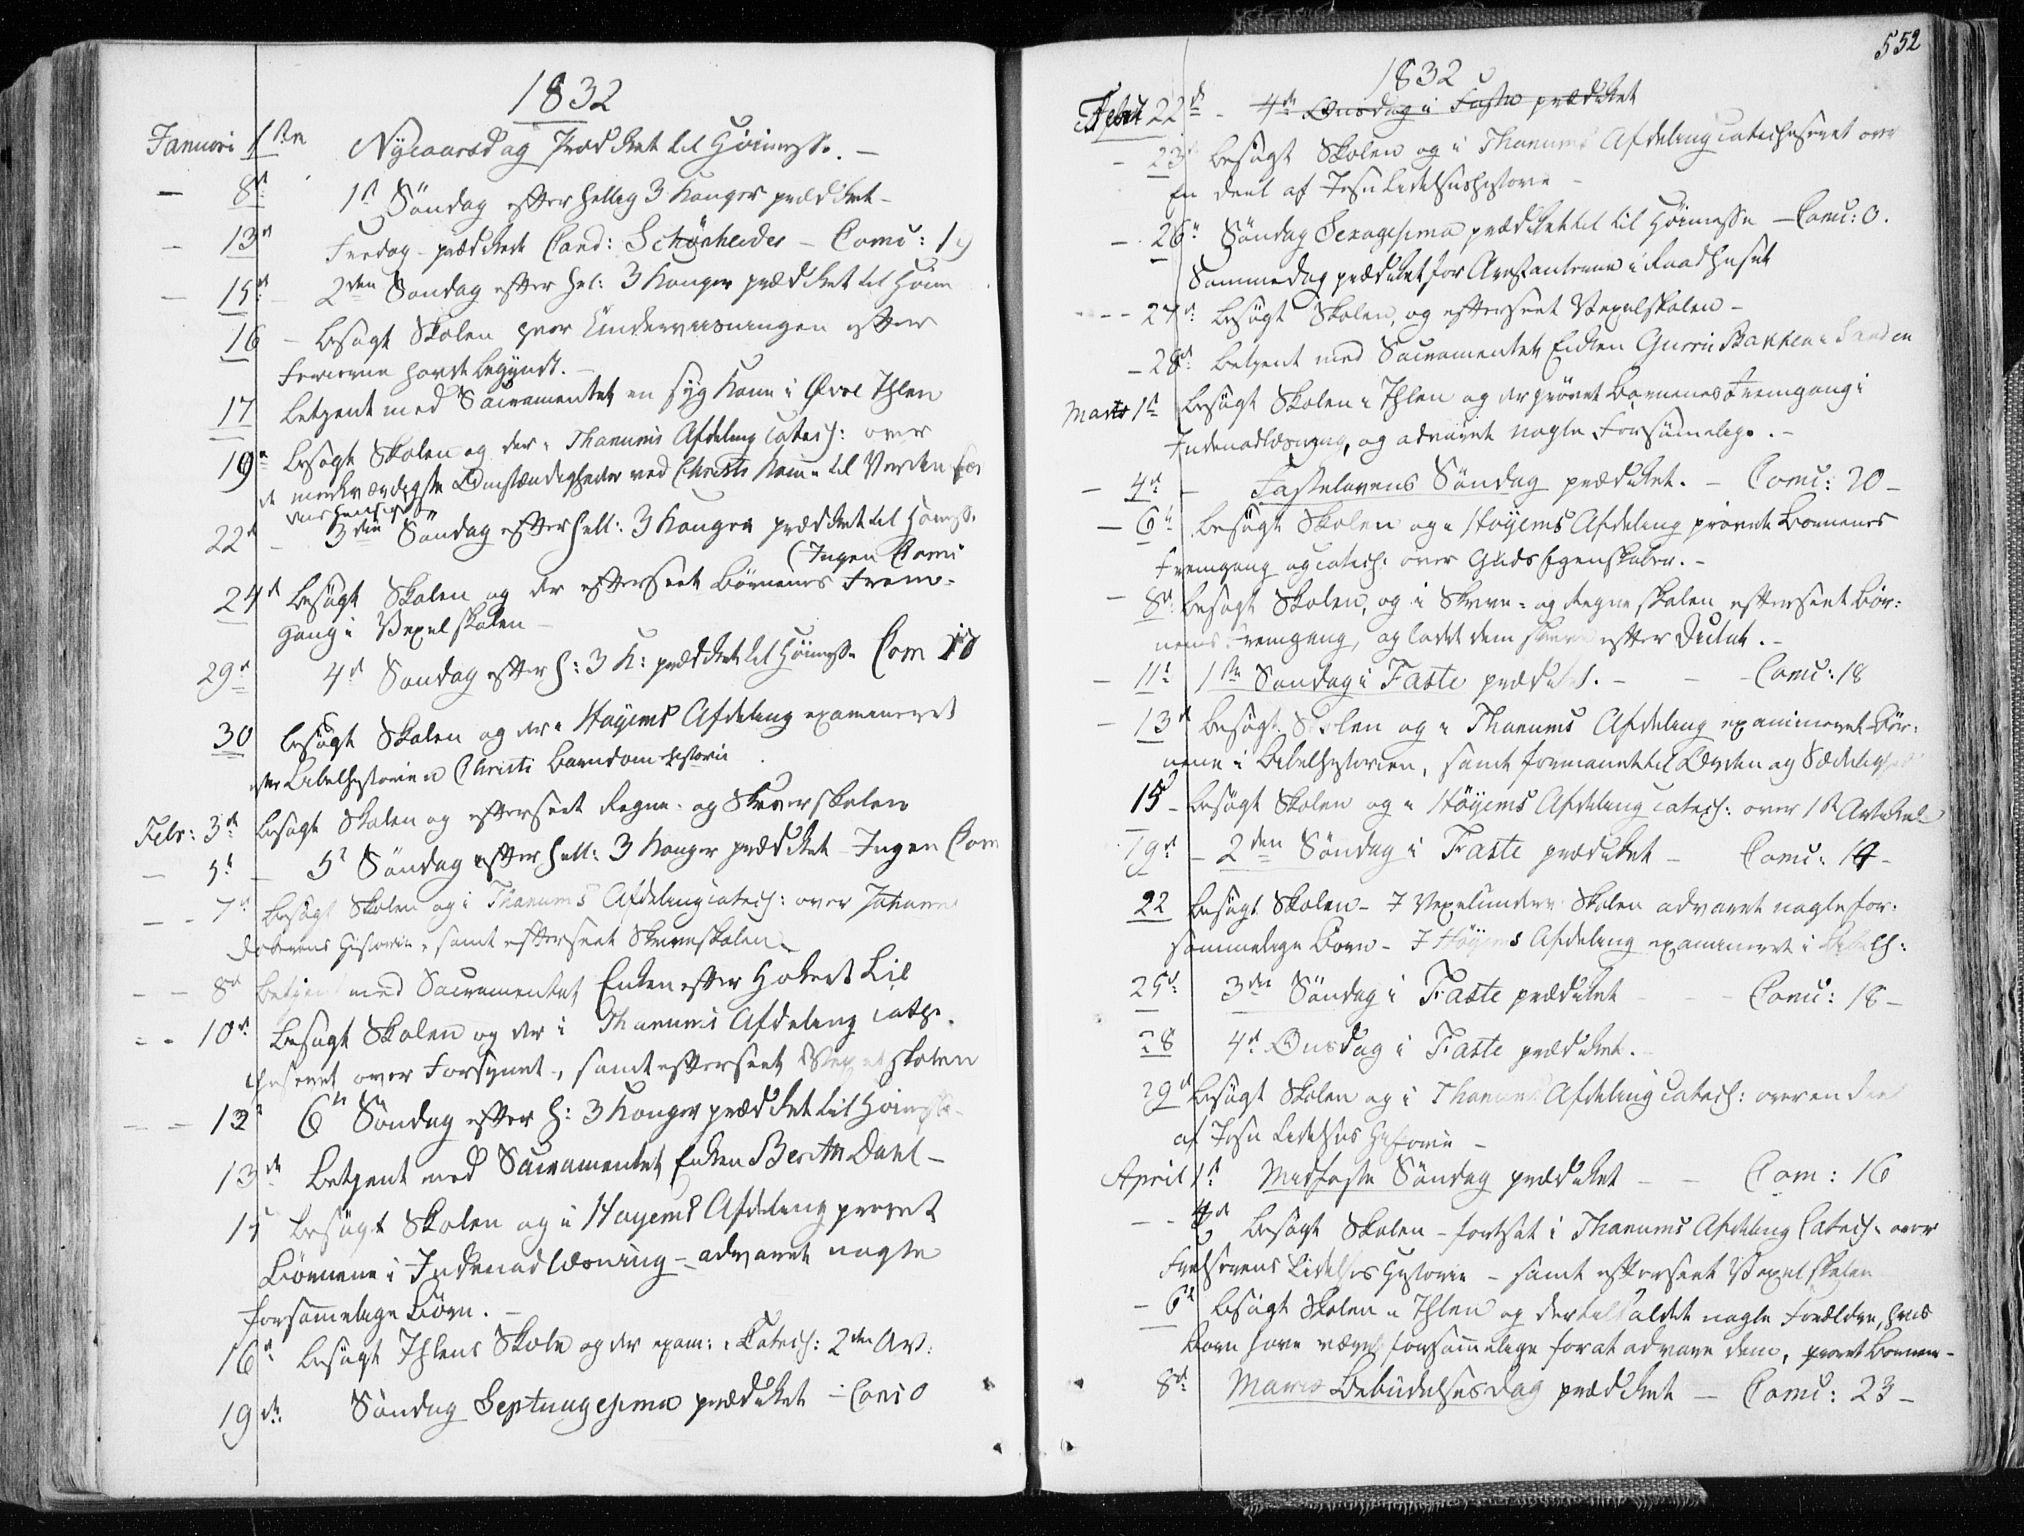 SAT, Ministerialprotokoller, klokkerbøker og fødselsregistre - Sør-Trøndelag, 601/L0047: Ministerialbok nr. 601A15, 1831-1839, s. 552